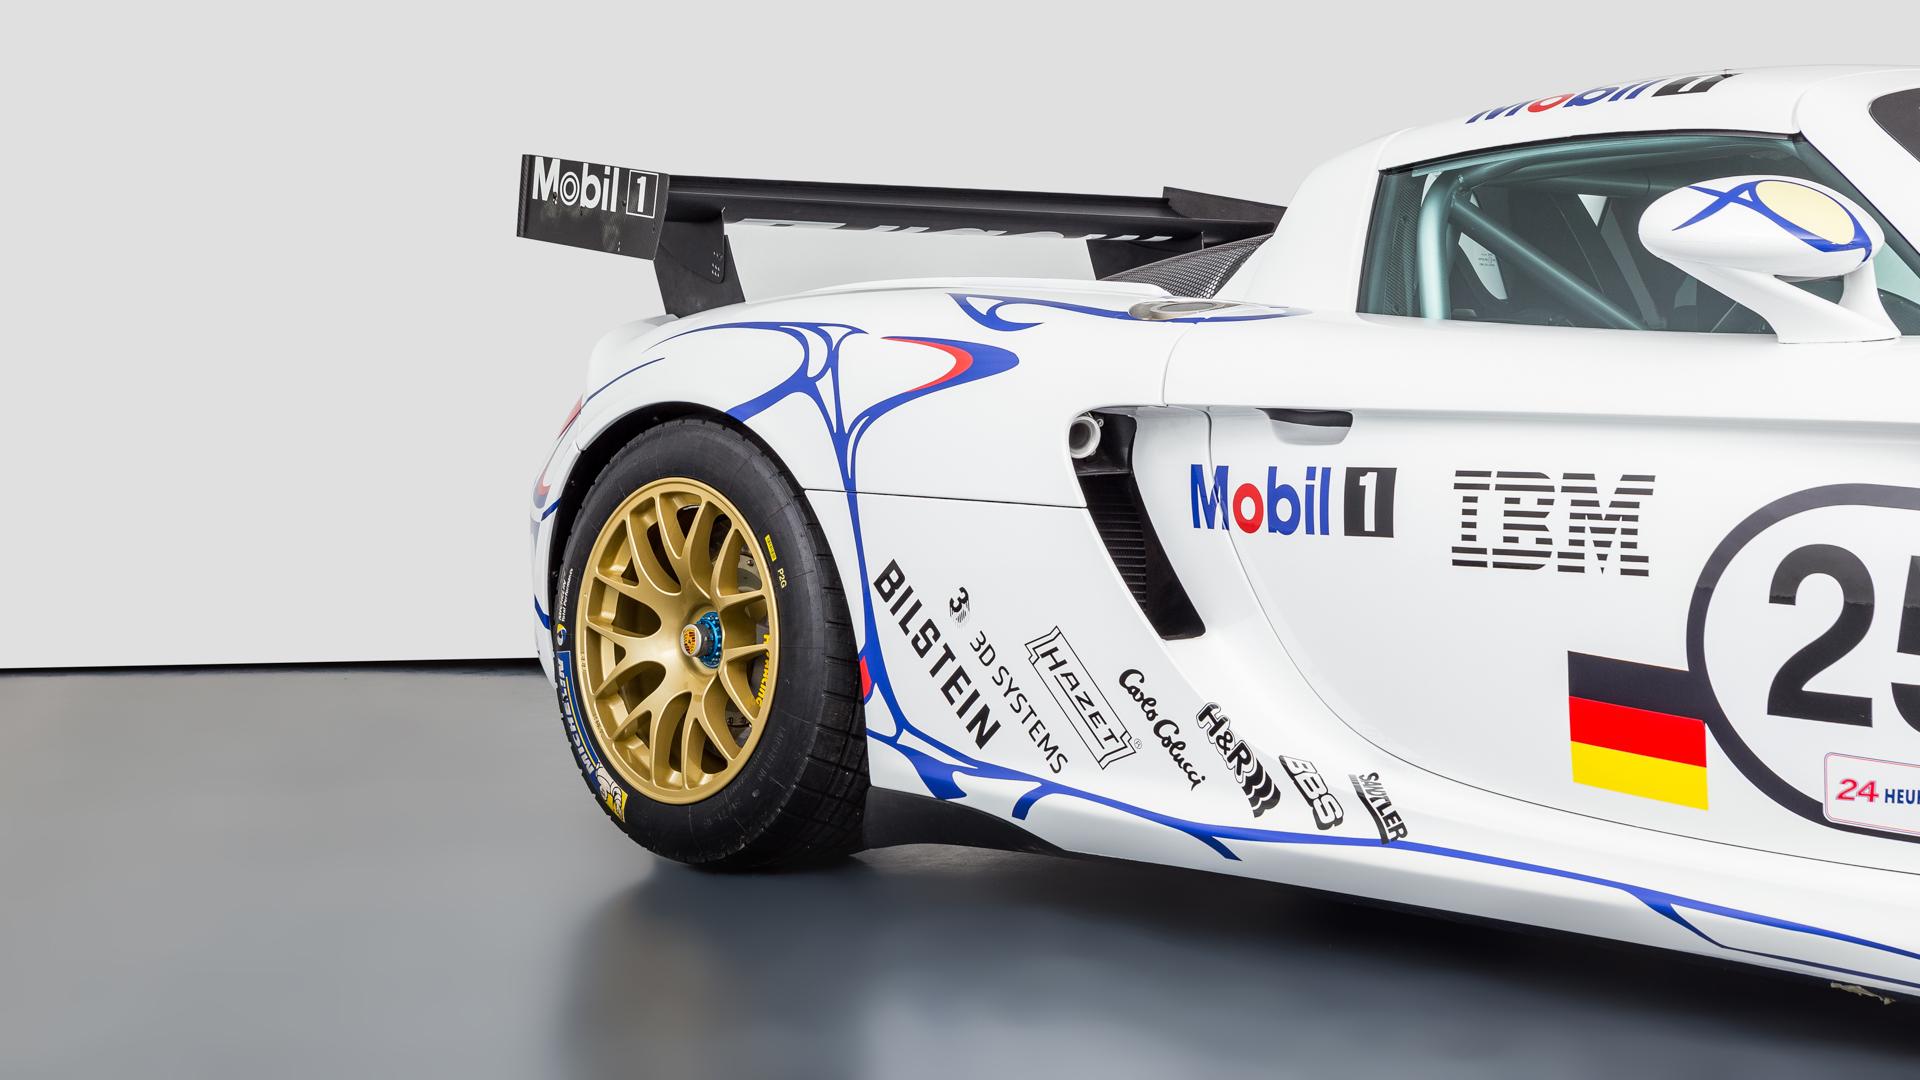 Carrera GT Racecar rear quarter panel